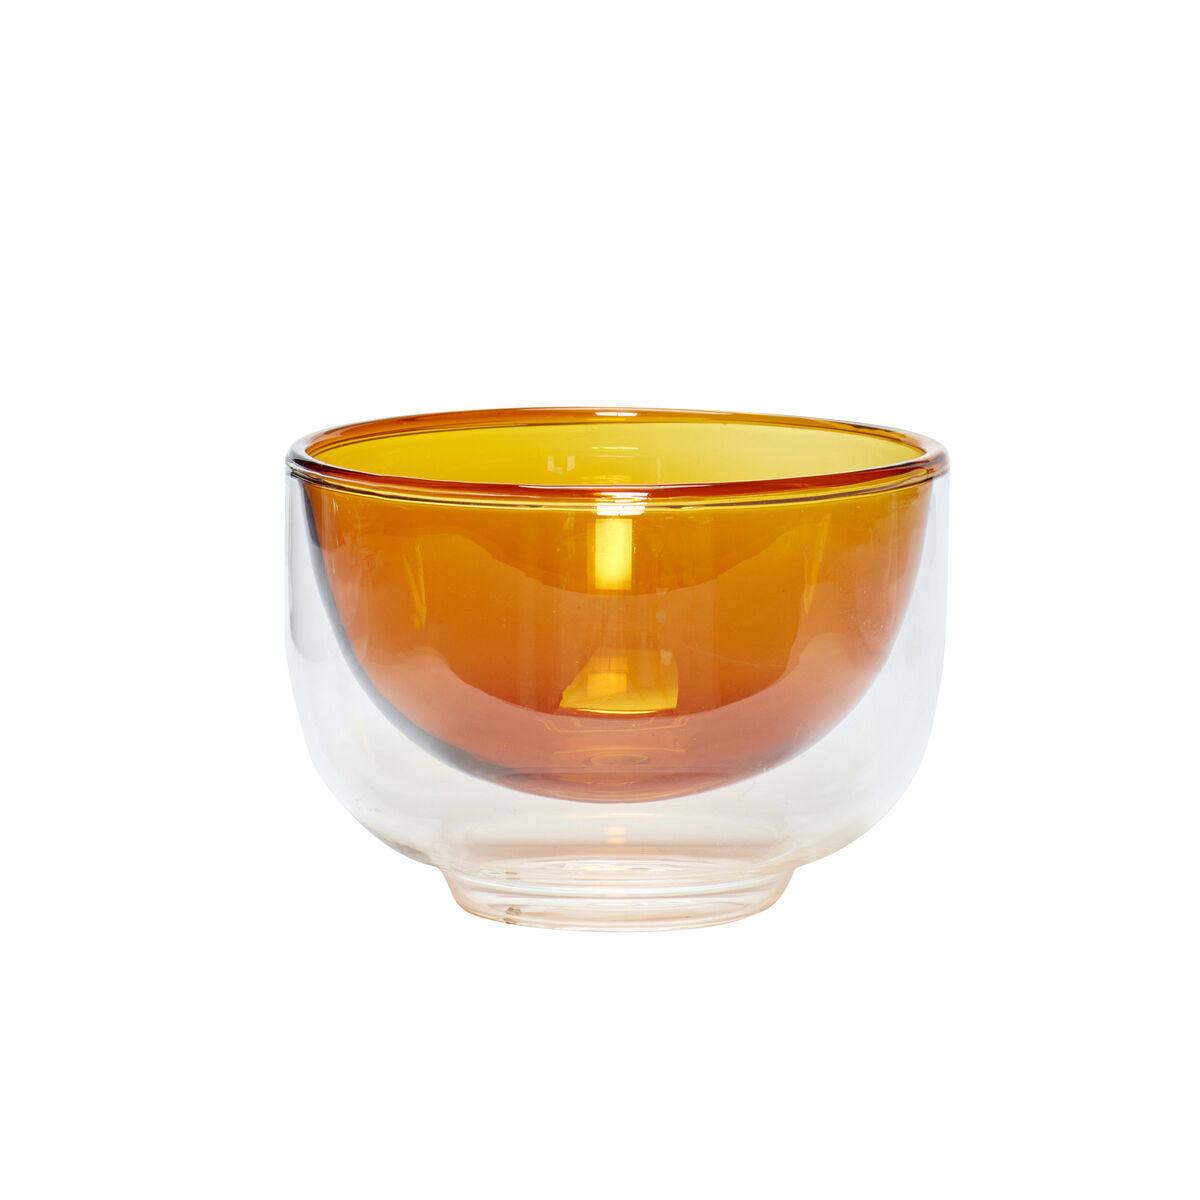 Hübsch Skleněná mísa Clear Amber, čirá barva, sklo